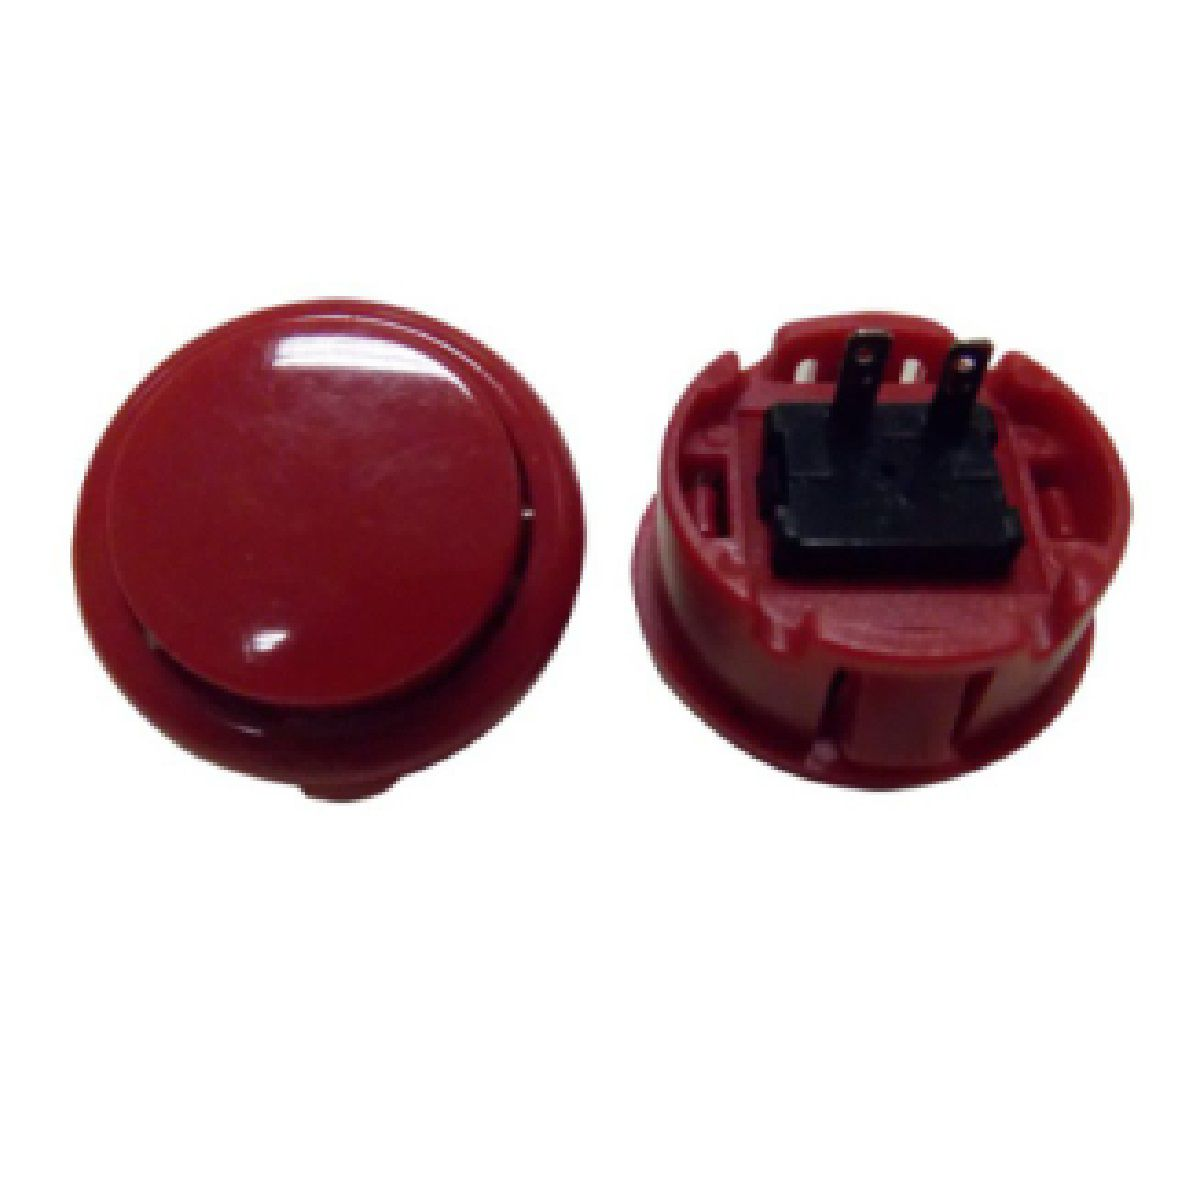 Botão Arcade Fliperama Alta Performance Tipo Sanwa (conector 2.8mm) Vermelho